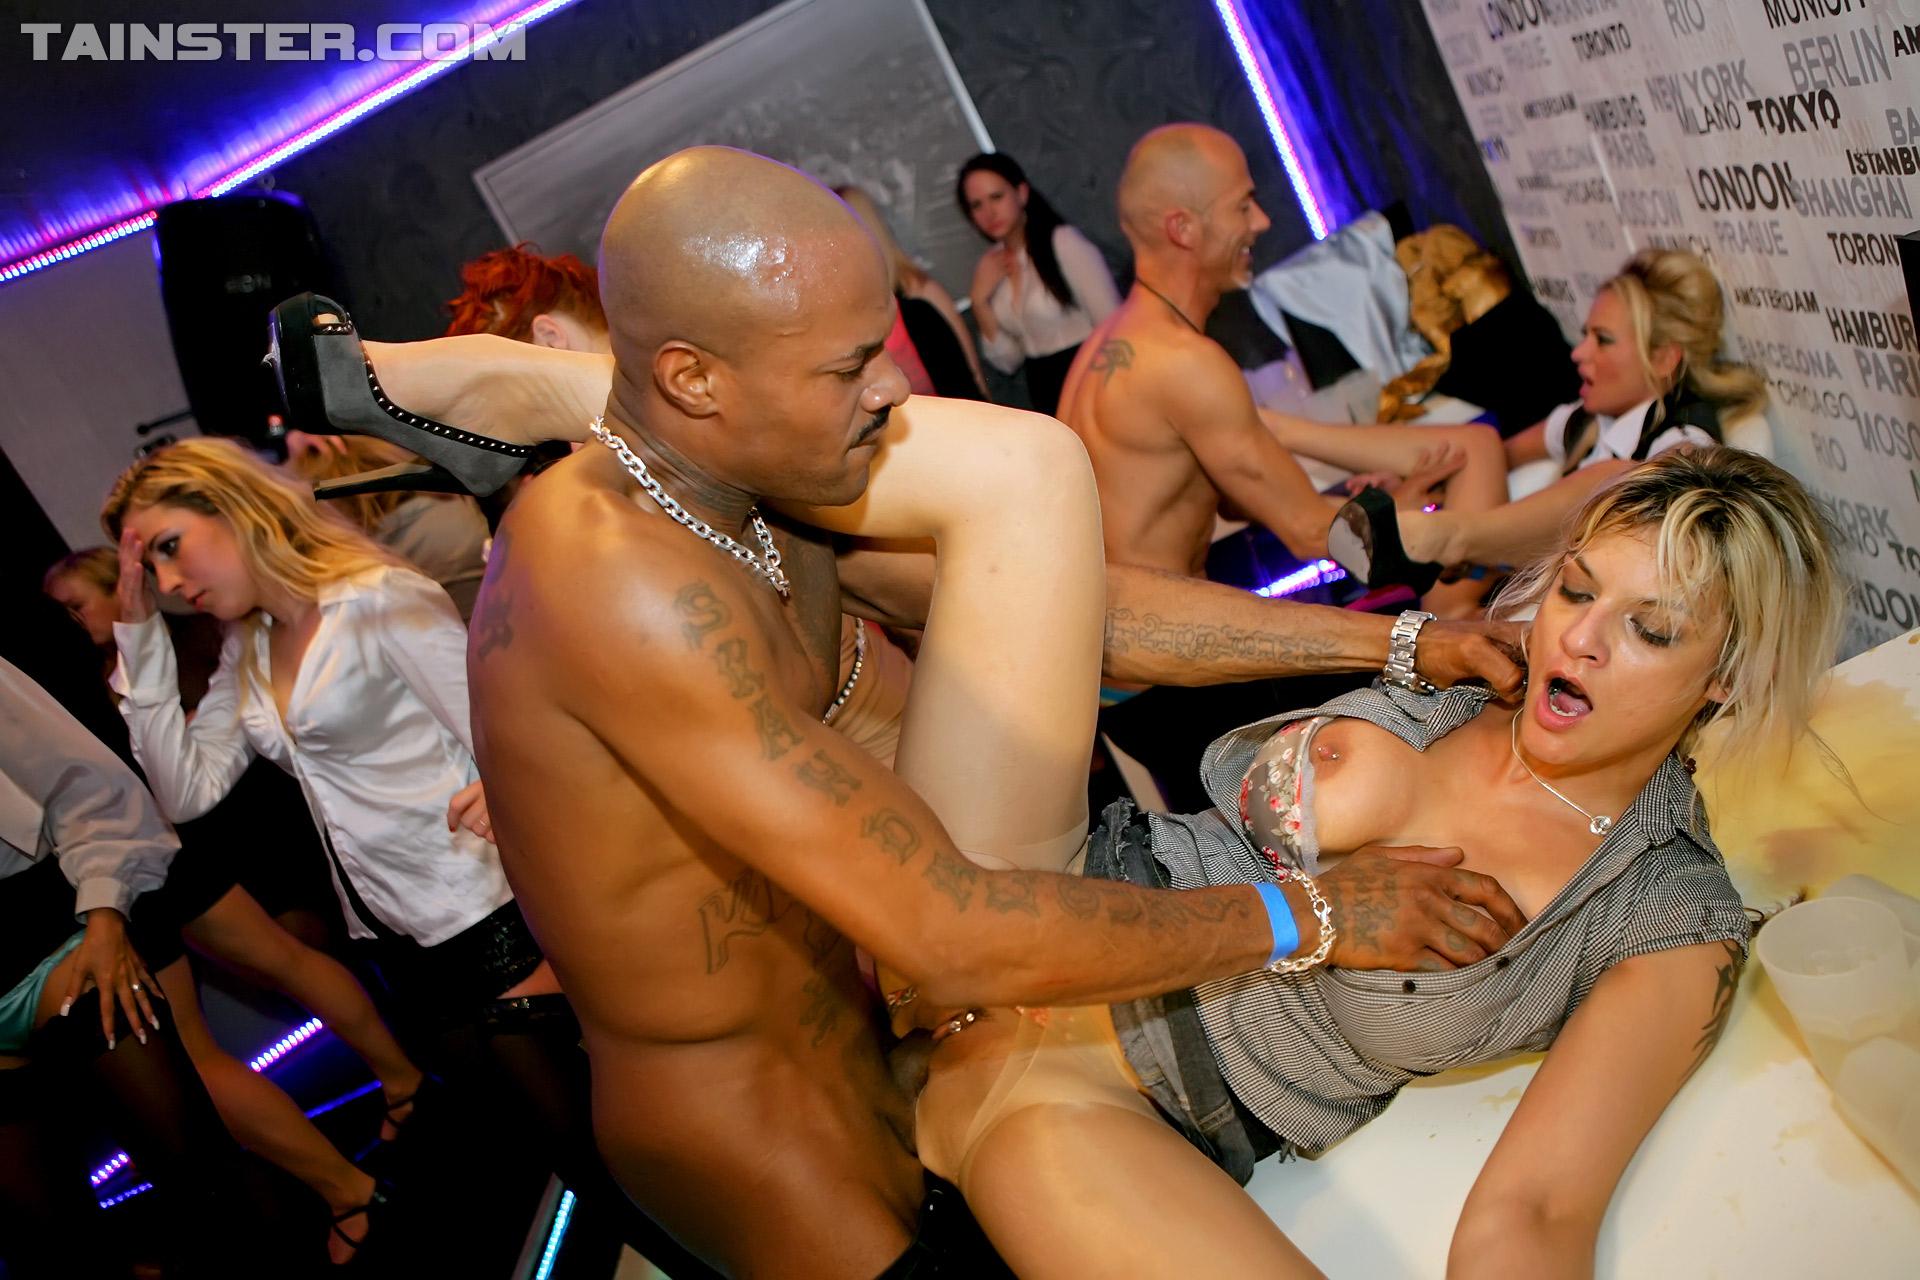 public sex party Drunk